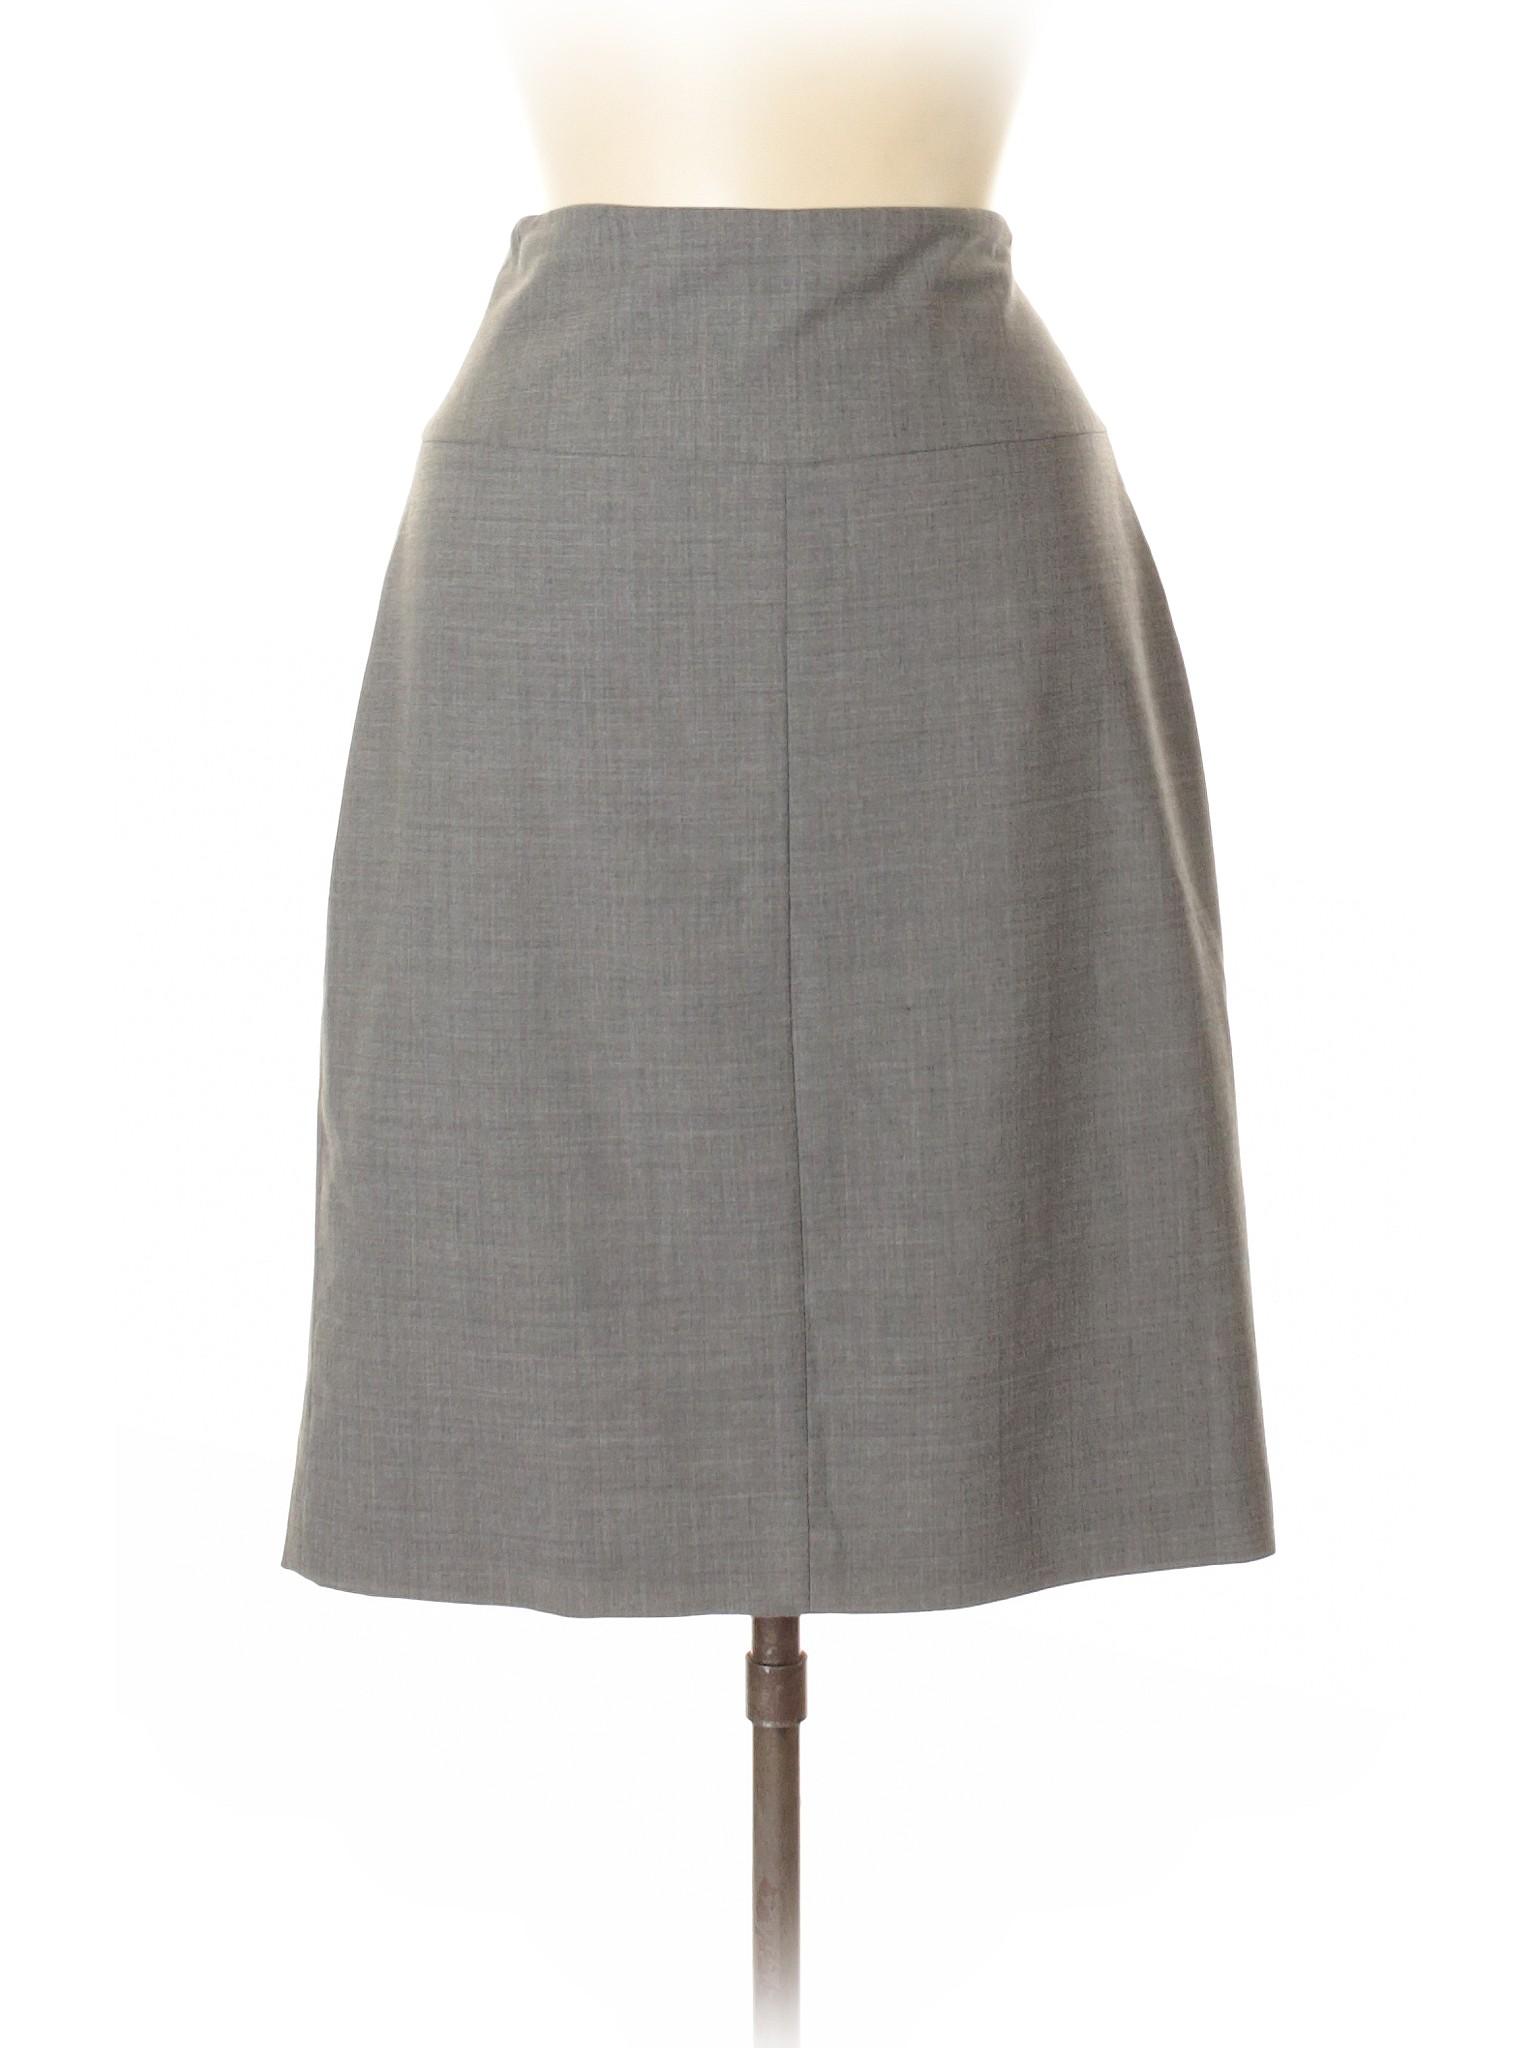 Boutique Skirt Banana Republic Republic Wool Wool Skirt Banana Republic Skirt Boutique Wool Banana Boutique Boutique qxEwxf6g